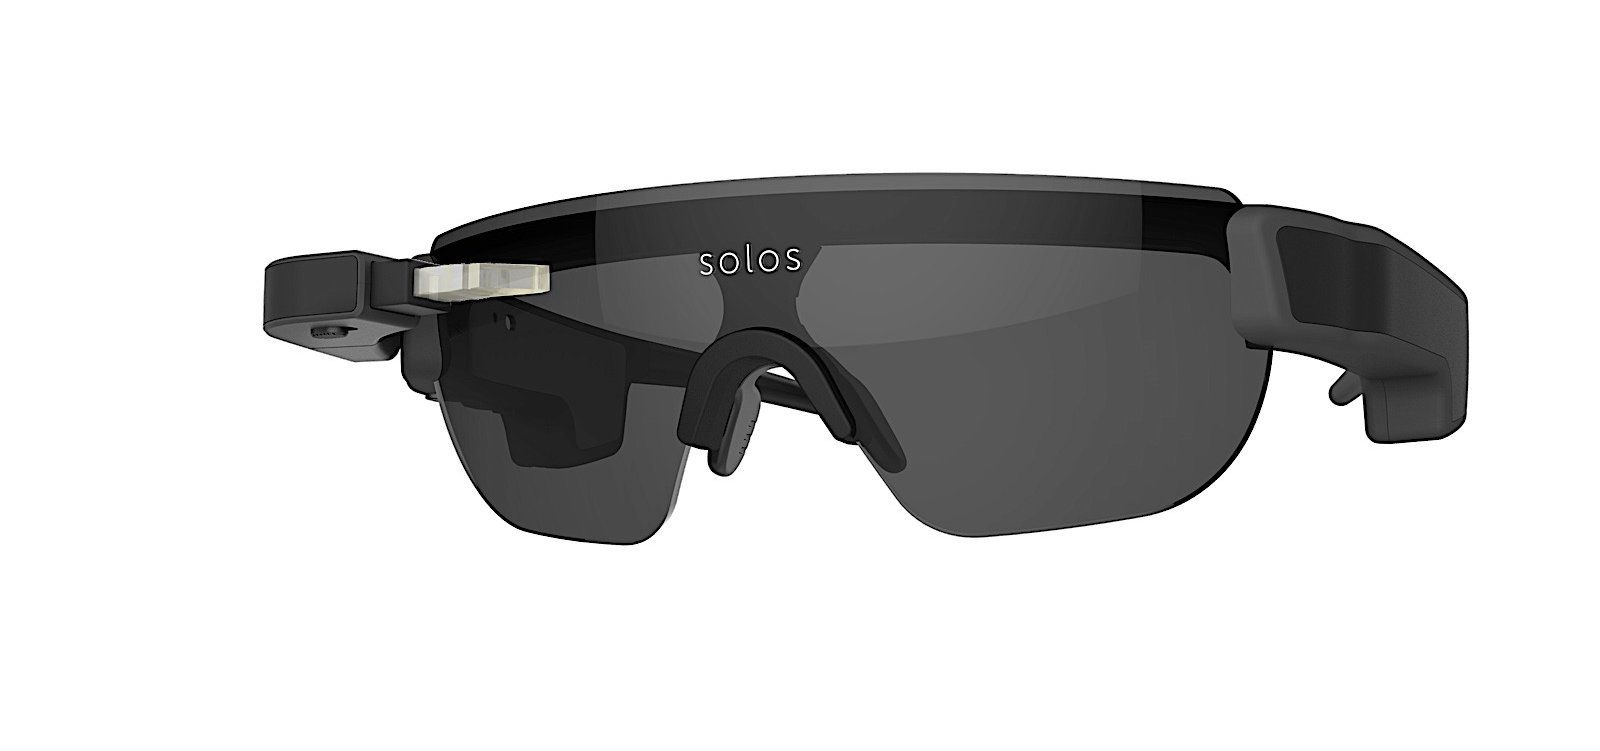 Las gafas inteligentes para ciclistas, SOLOS, ahora también para runners